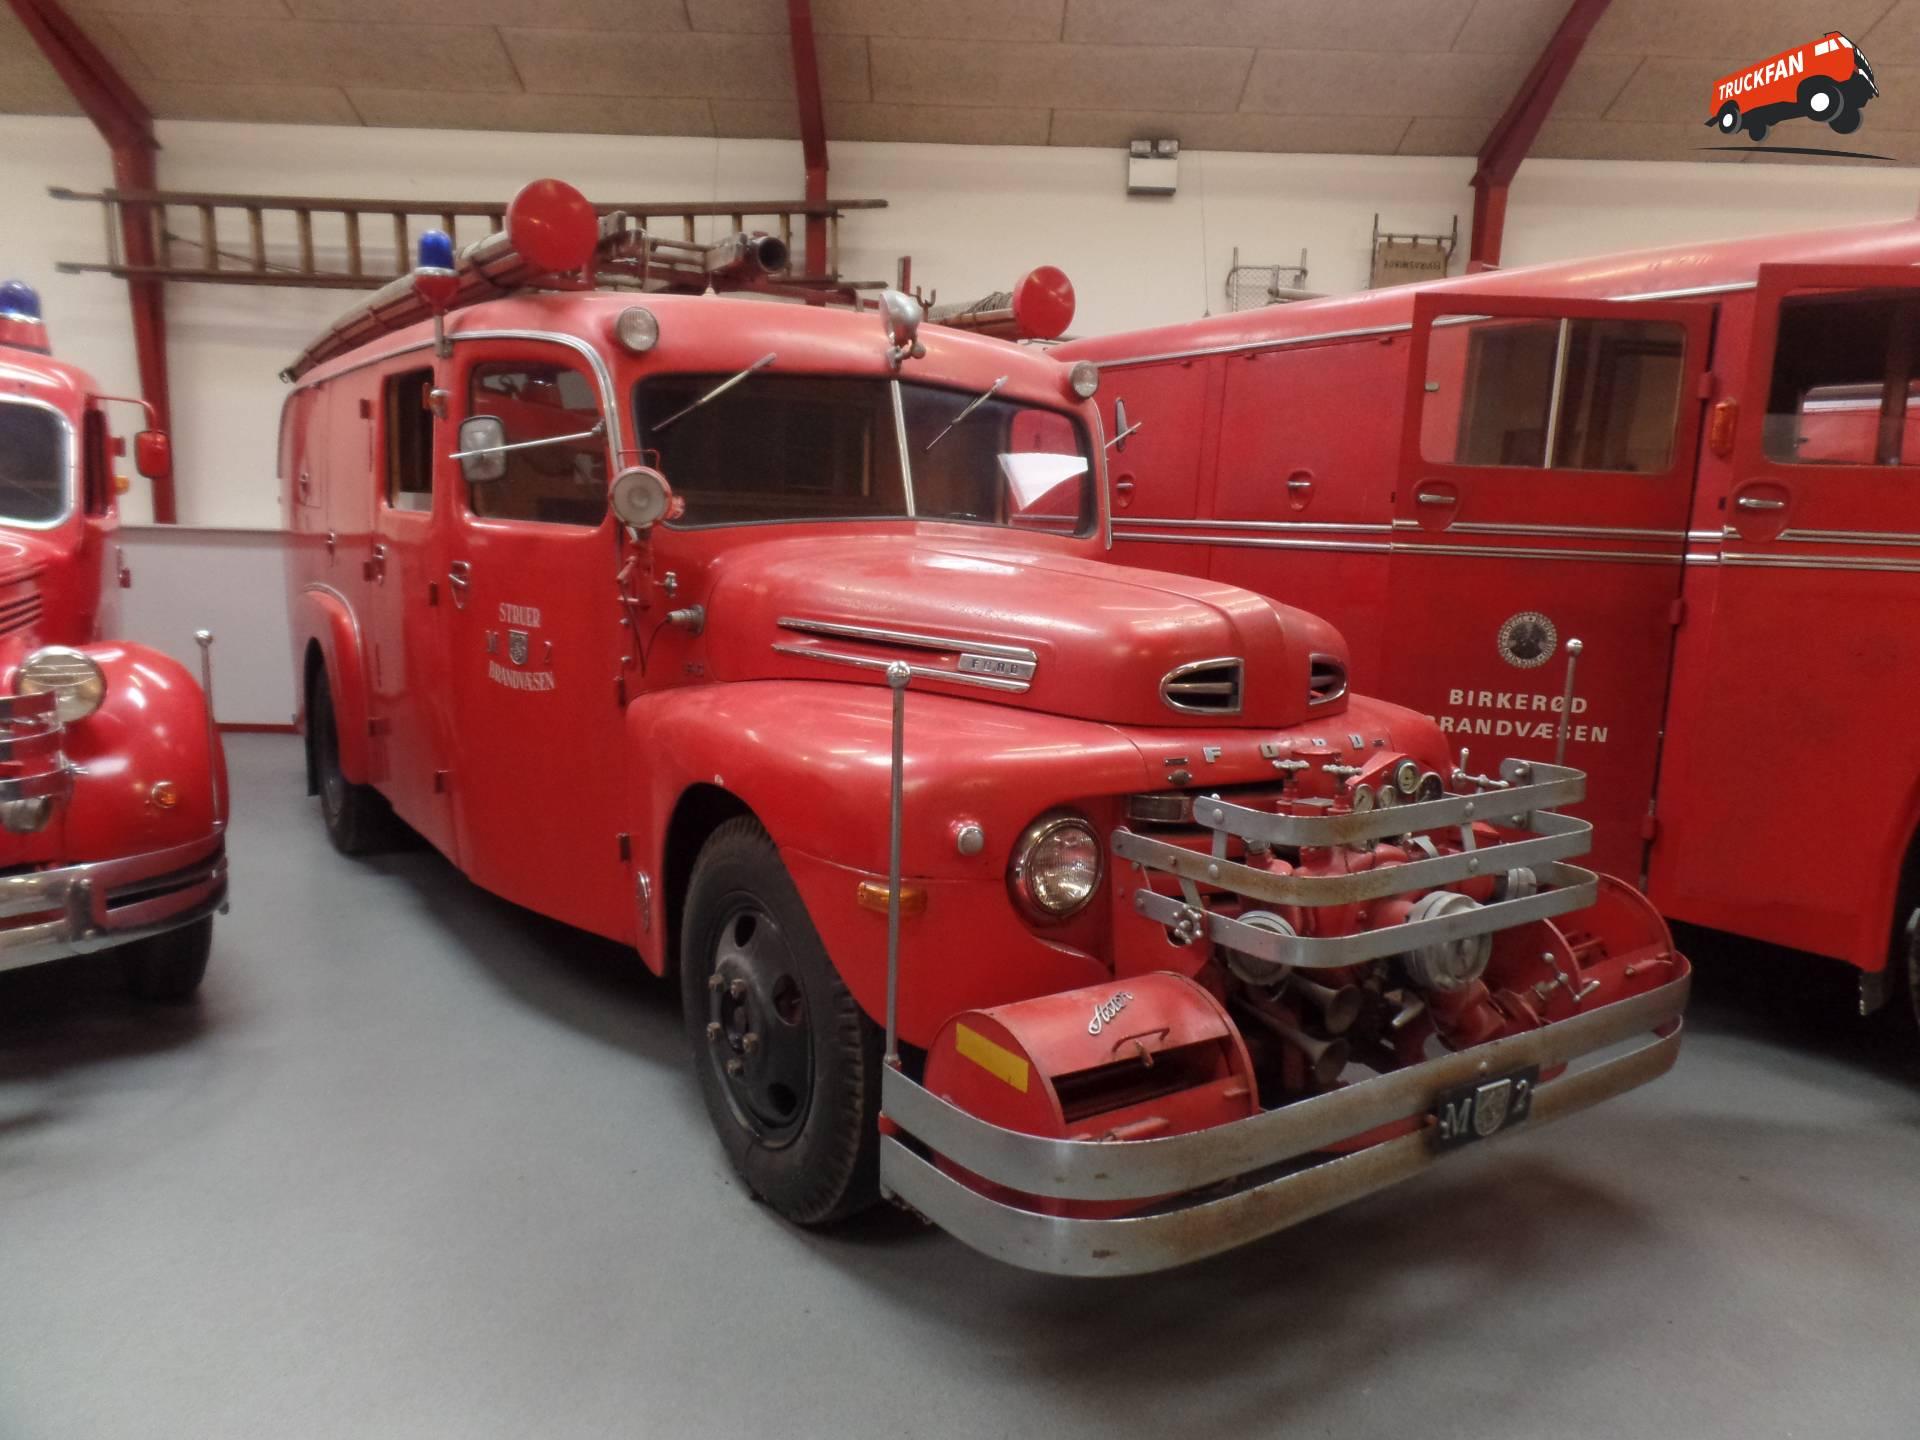 Dick Tijken Bij Brandbilmuseet In Oksb 248 L Denemarken